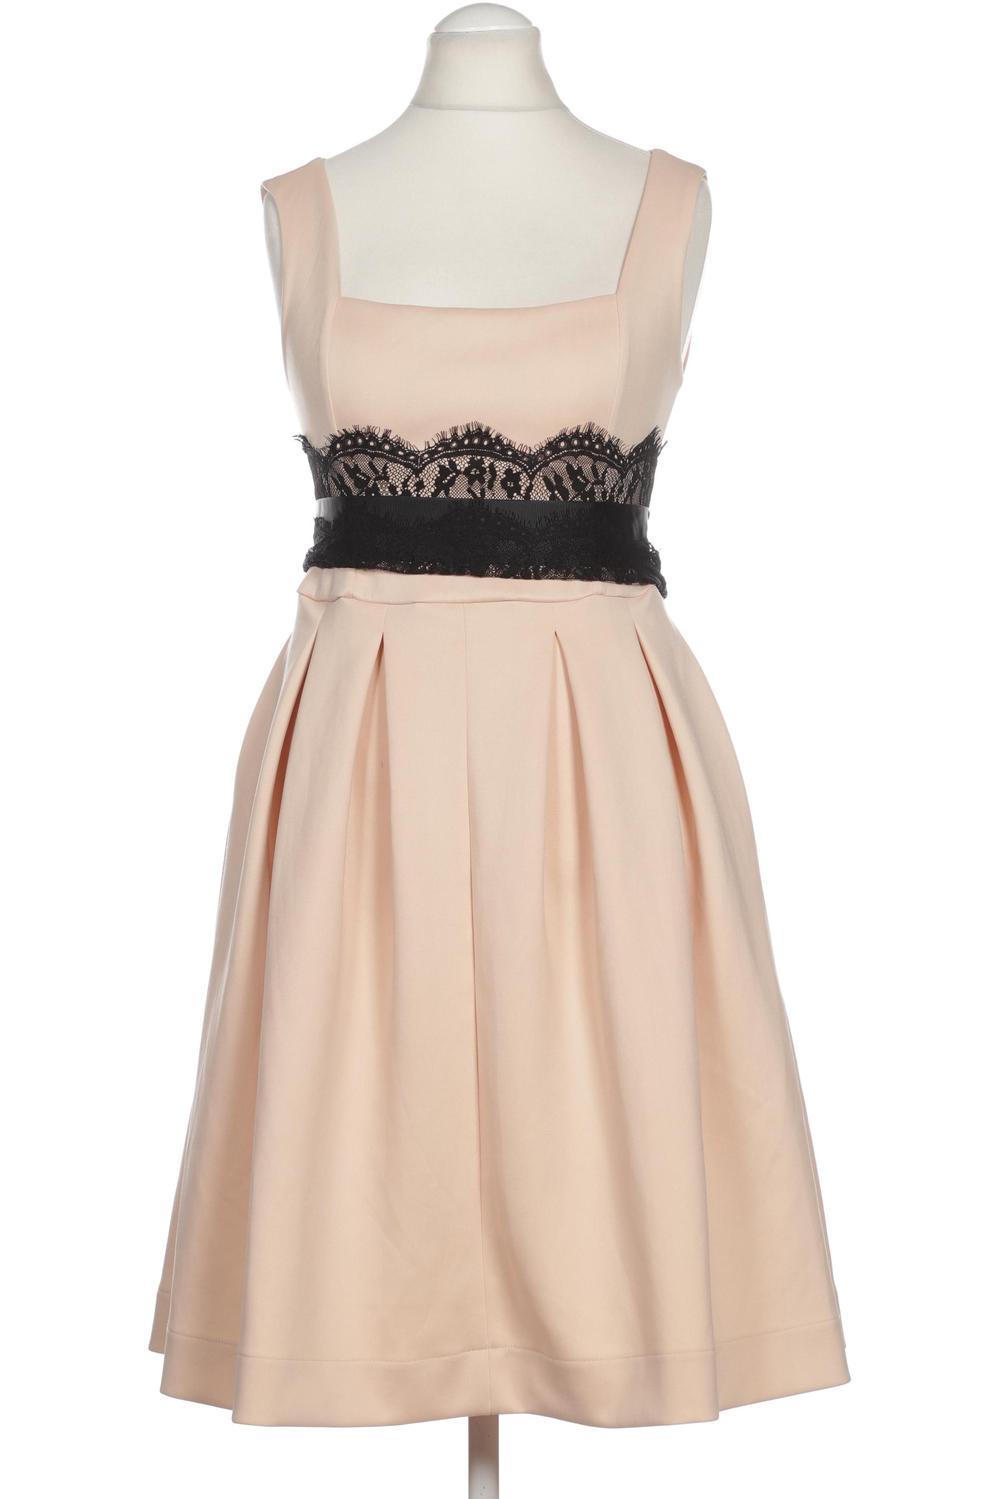 asos Damen Kleid UK 12 Second Hand kaufen | ubup